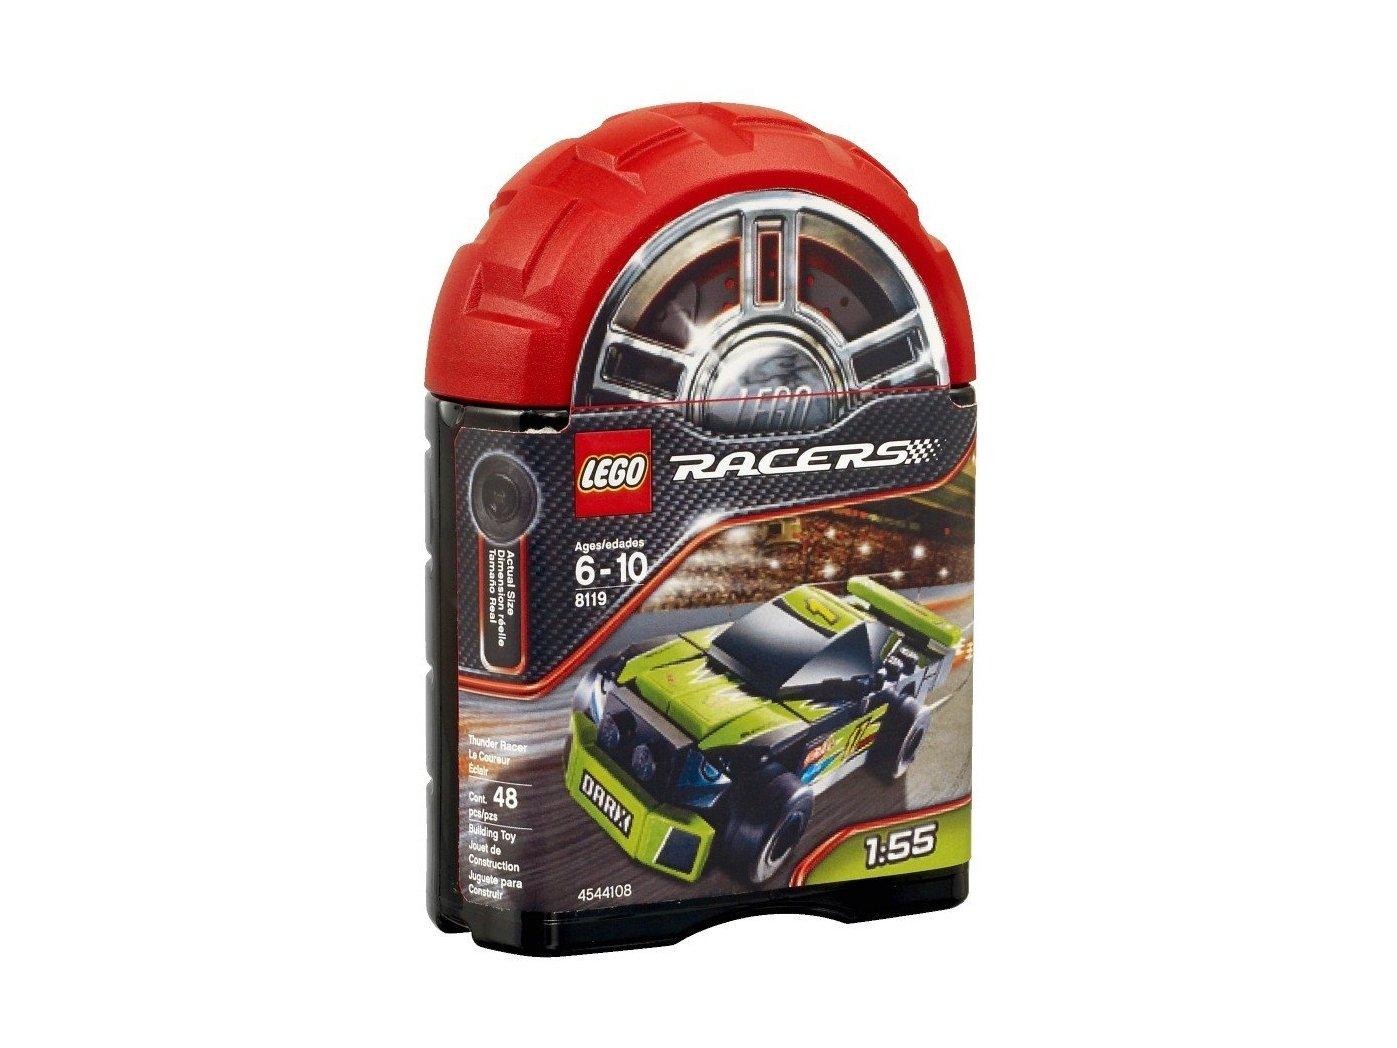 LEGO 8119 Racers Thunder Racer